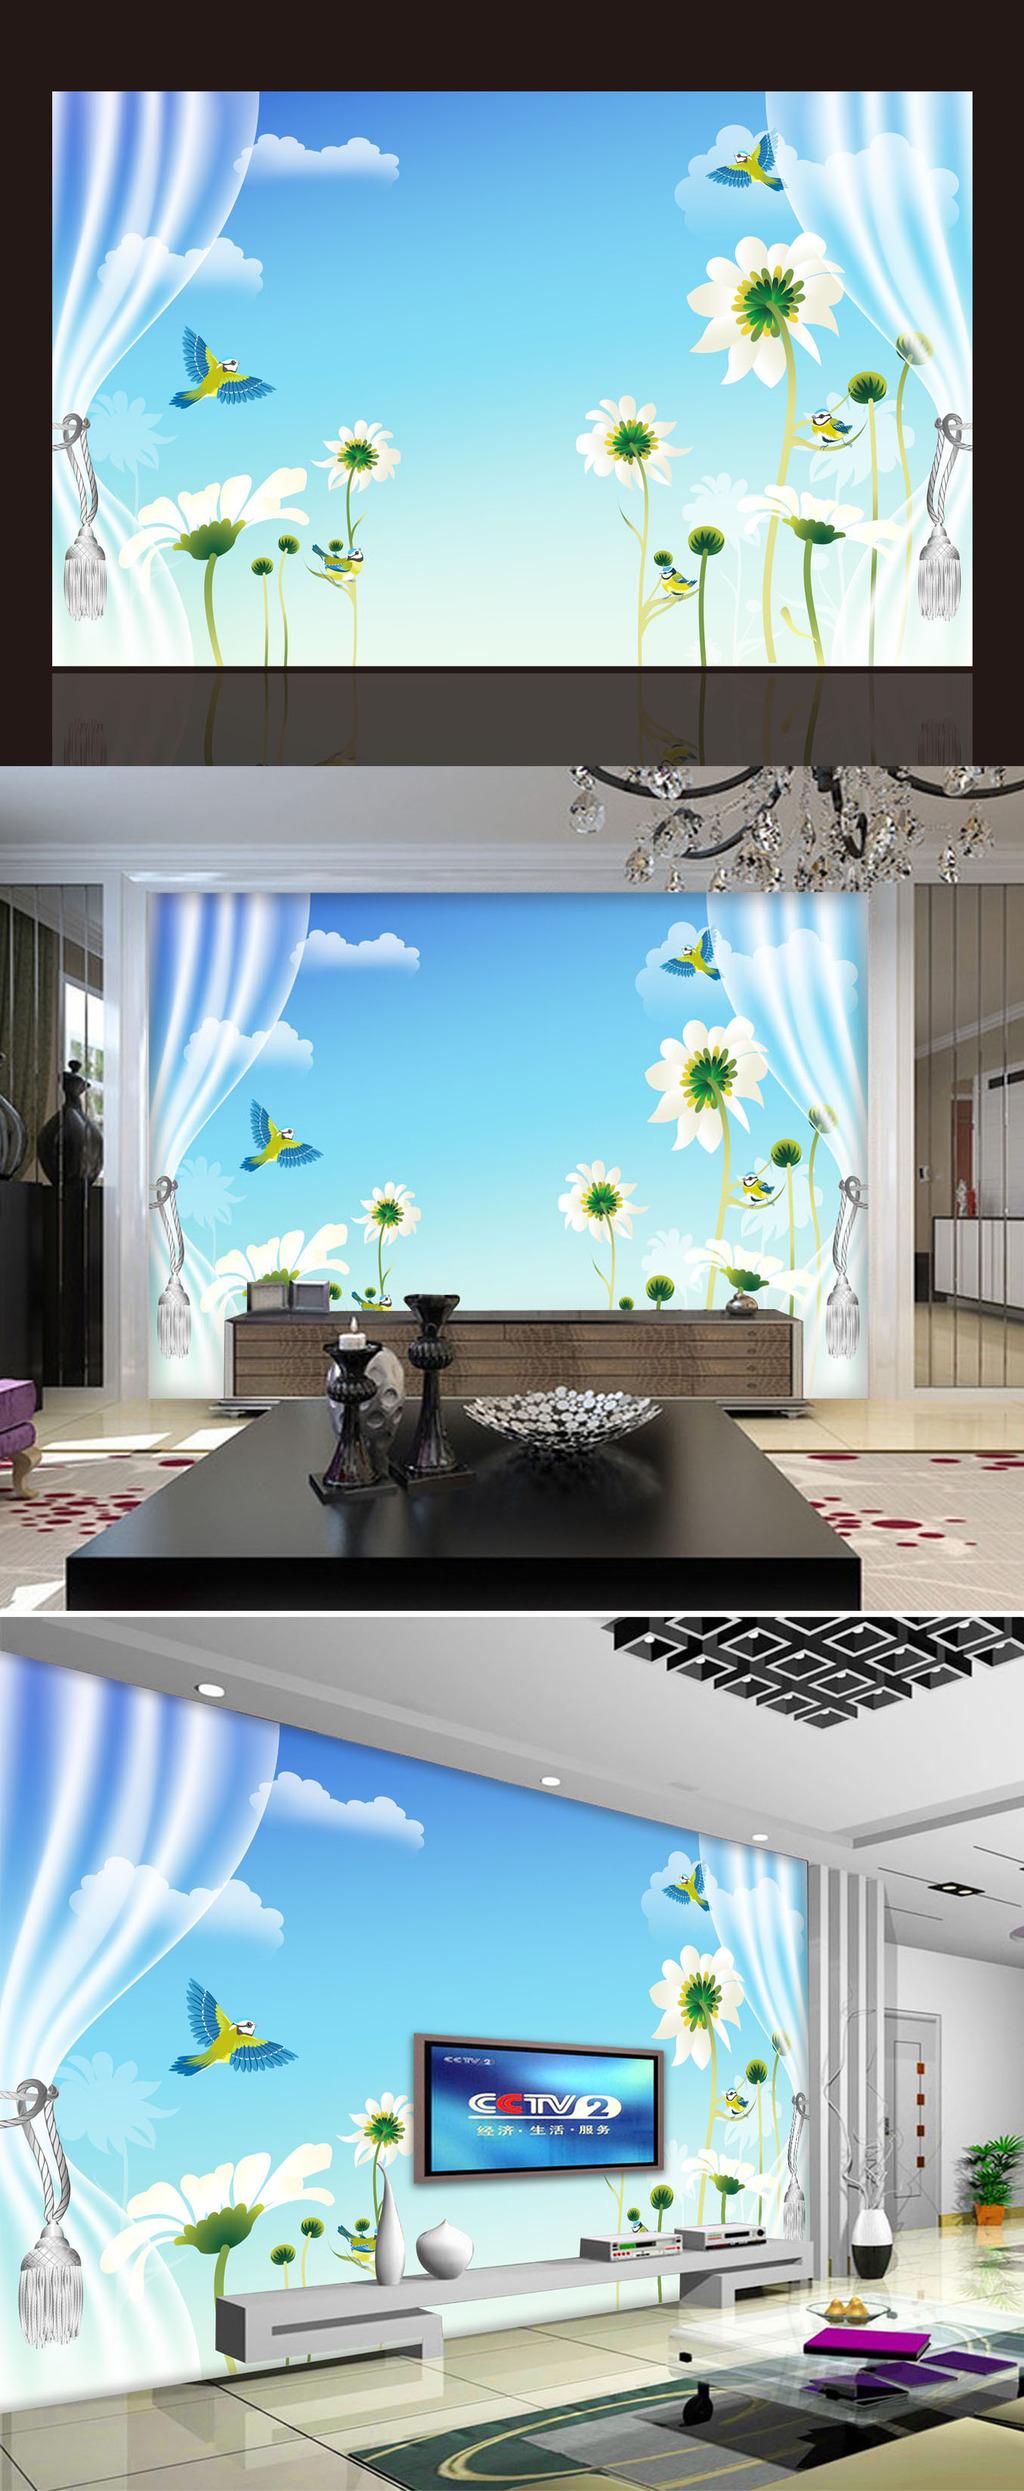 现代窗外风景花卉电视背景墙